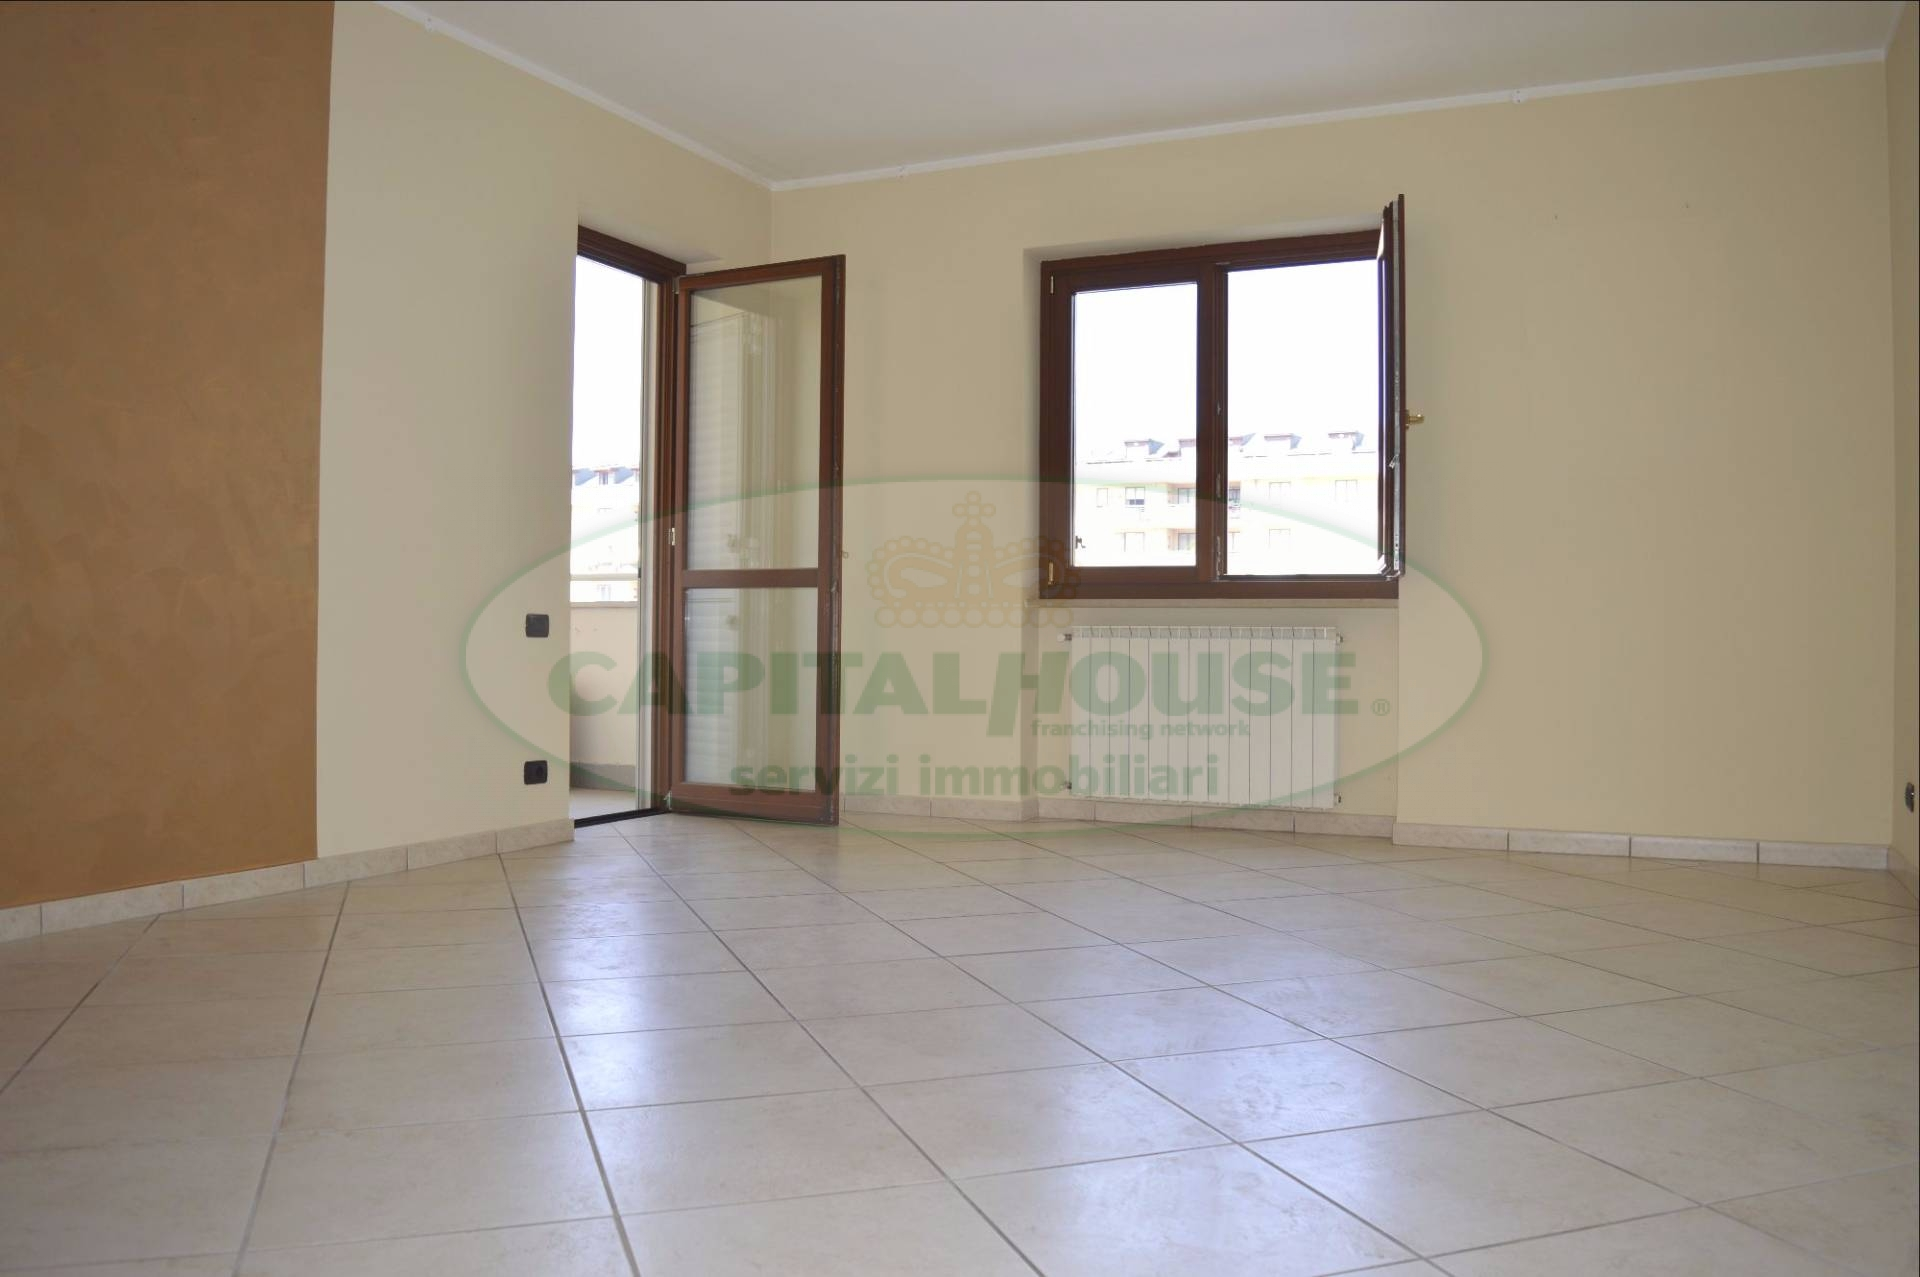 Appartamento in vendita a San Nicola la Strada, 4 locali, zona Località: ExS.Gobain, prezzo € 229.000 | CambioCasa.it